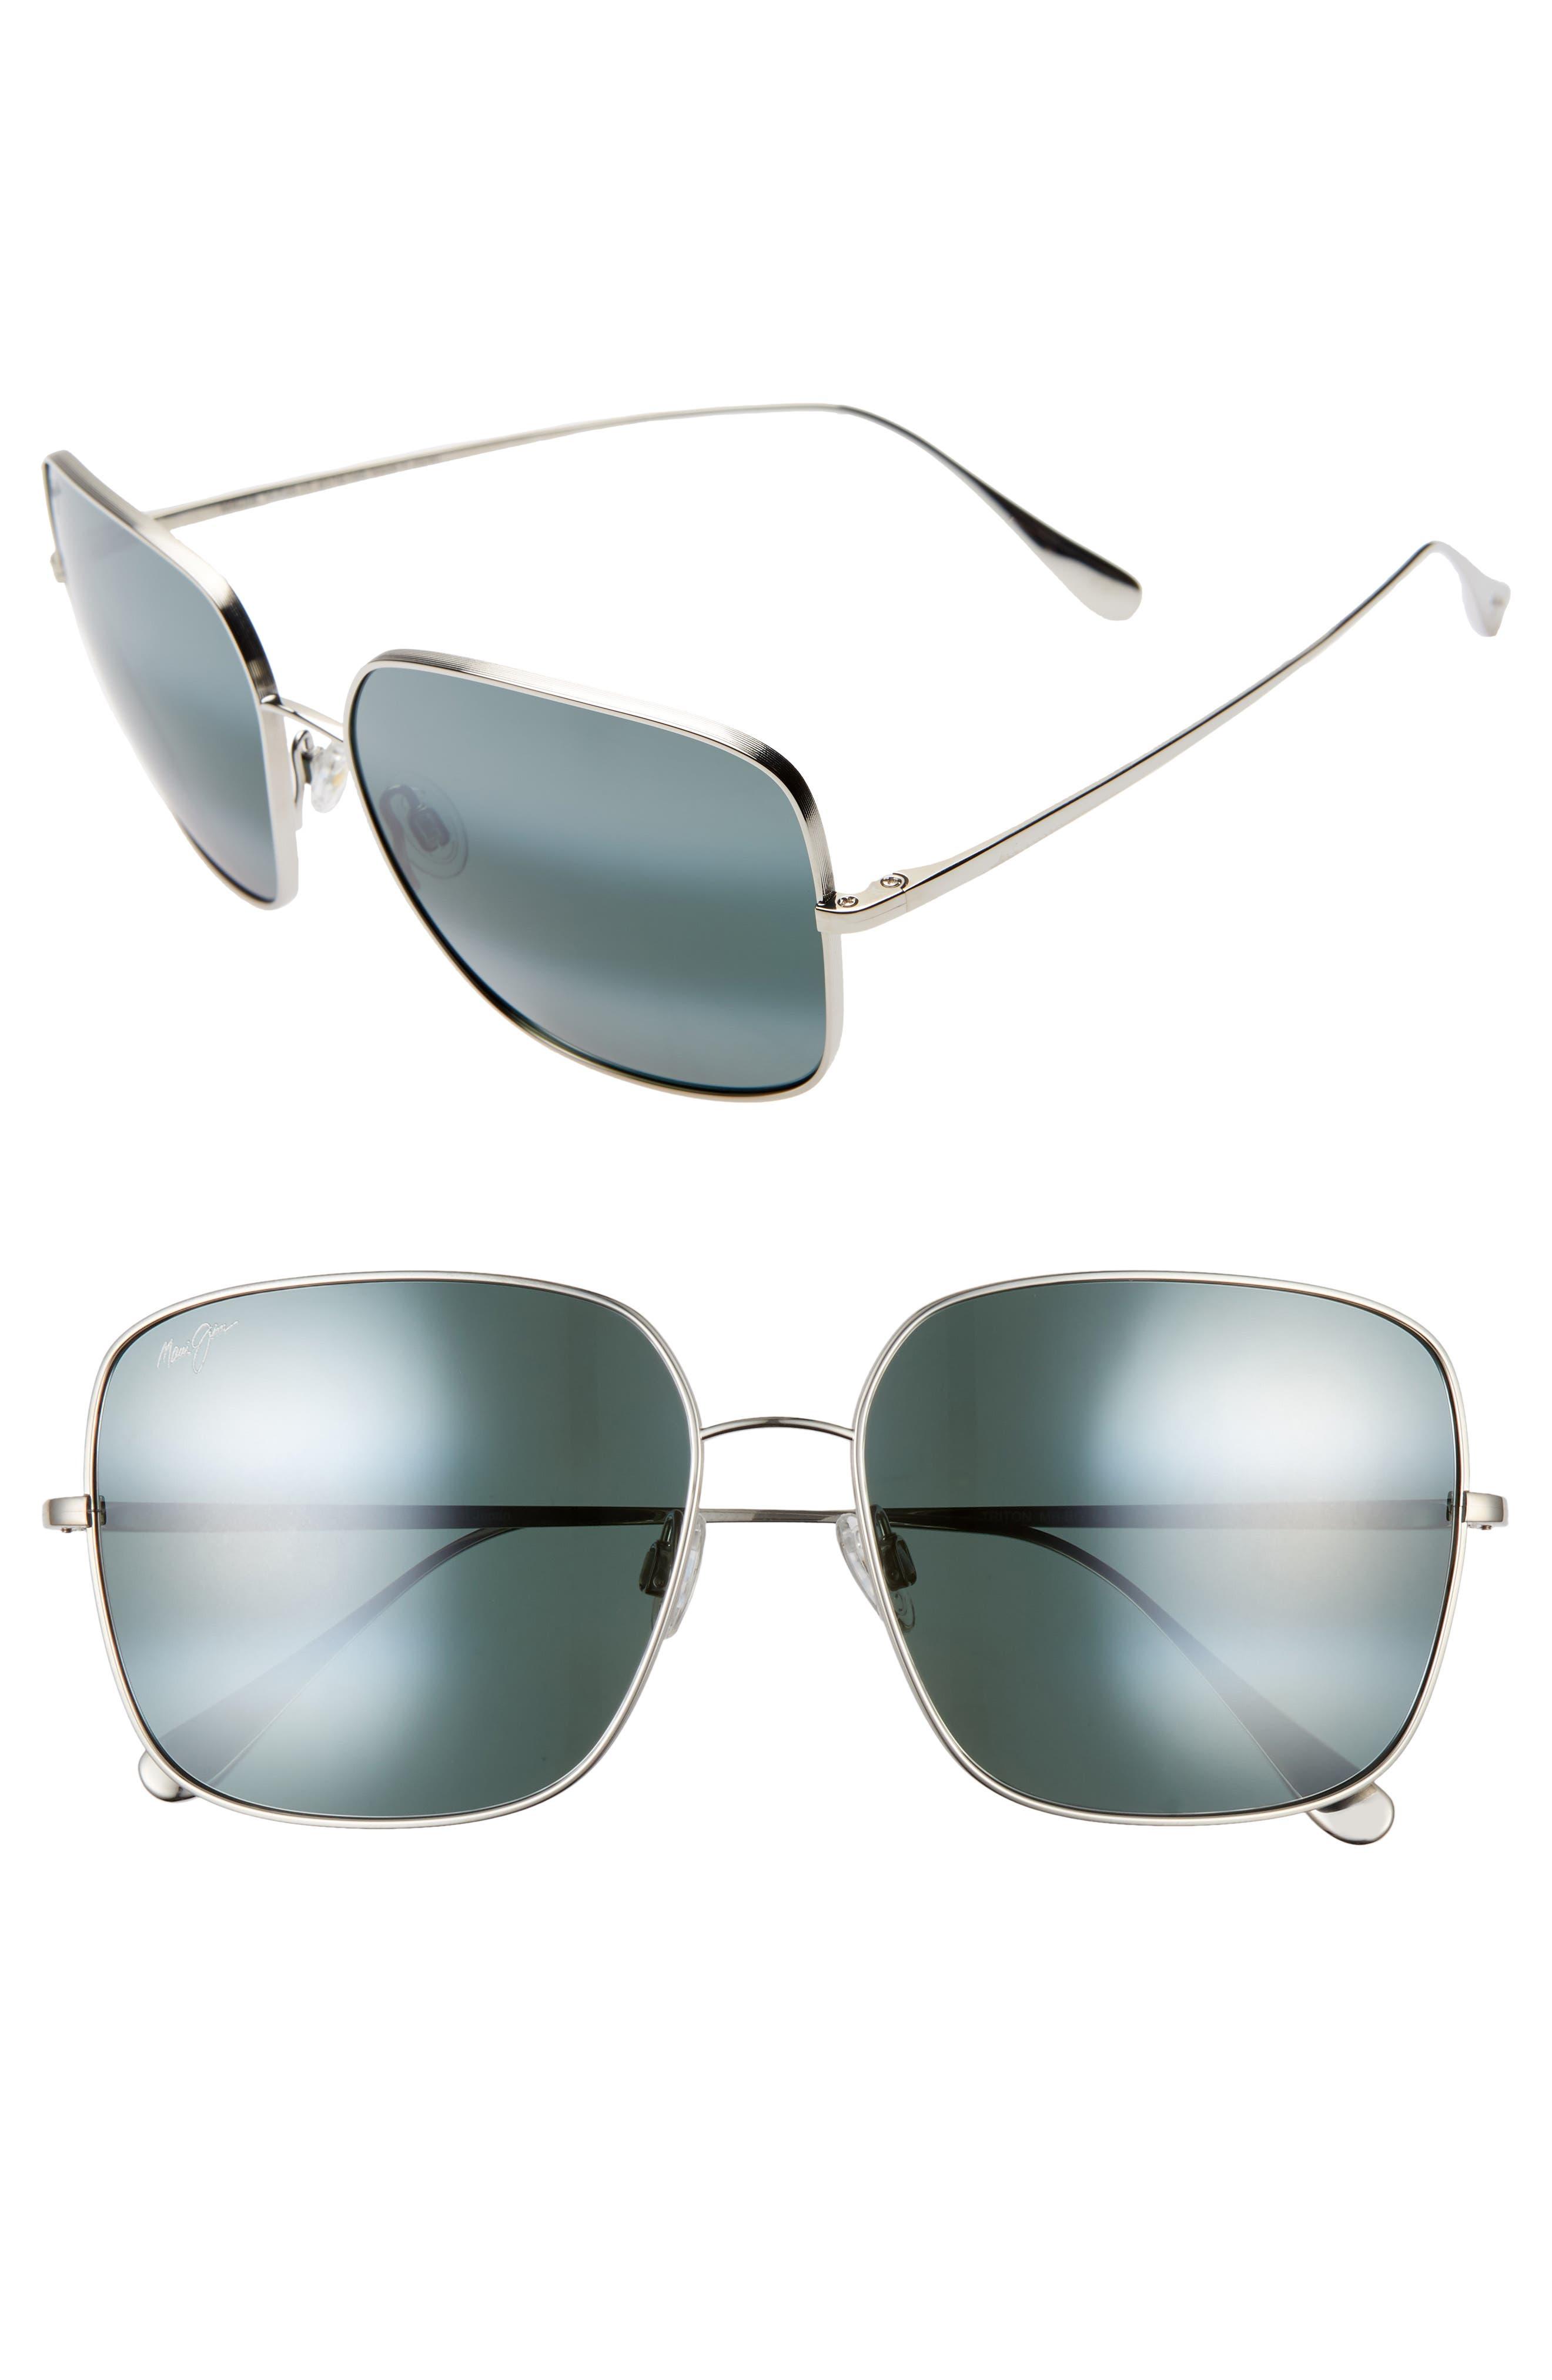 Triton 61mm Polarizedplus2 Mirrored Square Sunglasses